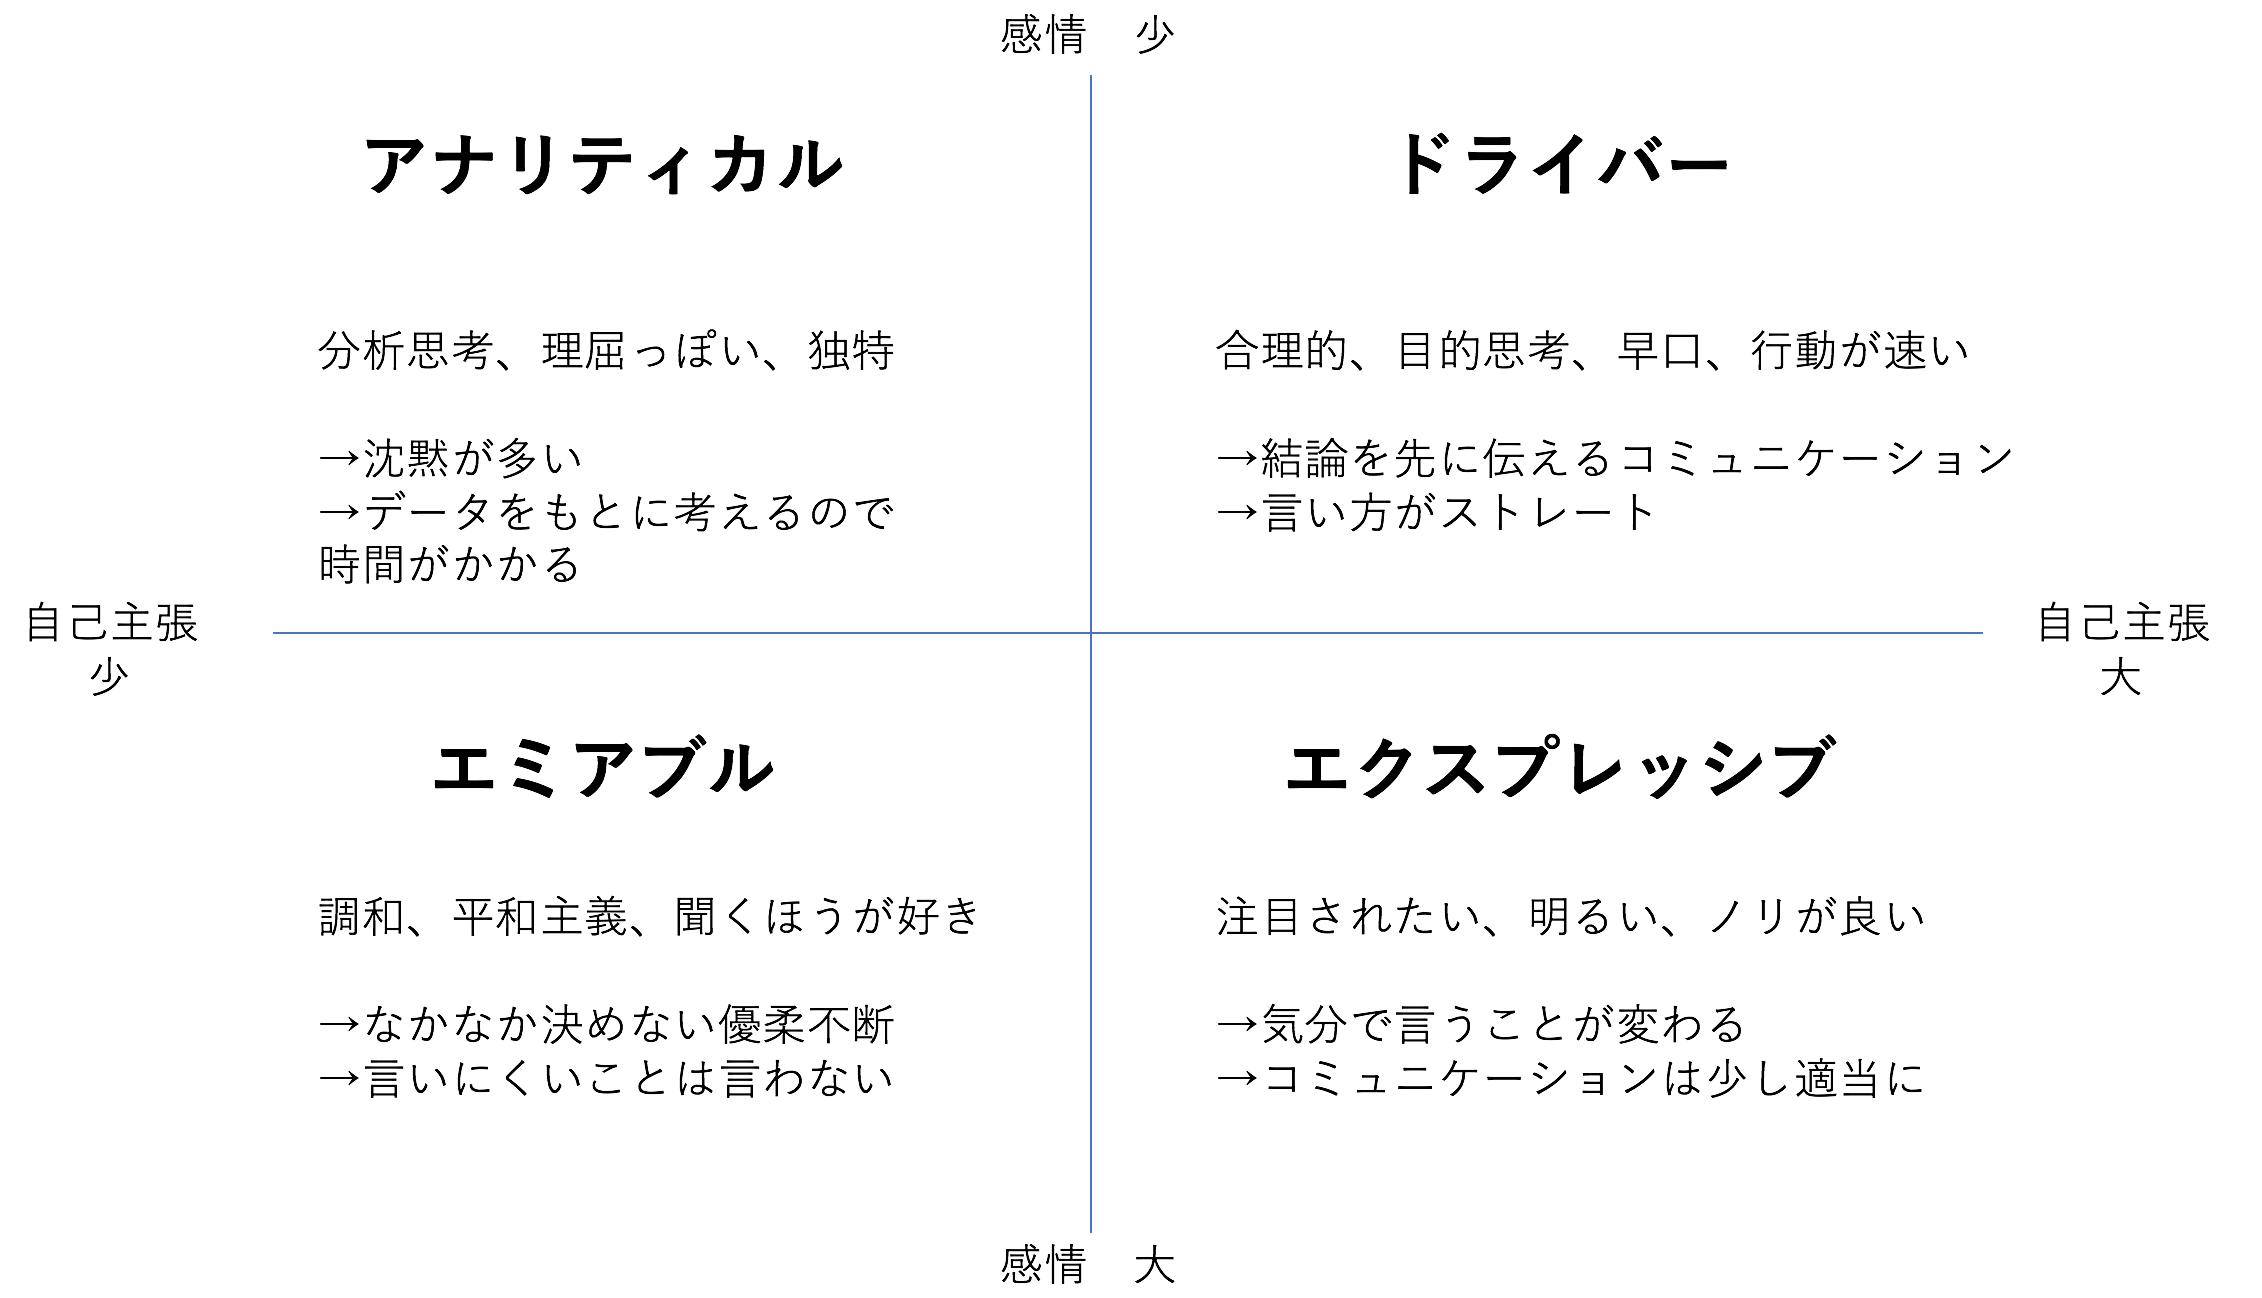 スクリーンショット 2018-08-25 2.26.39.png